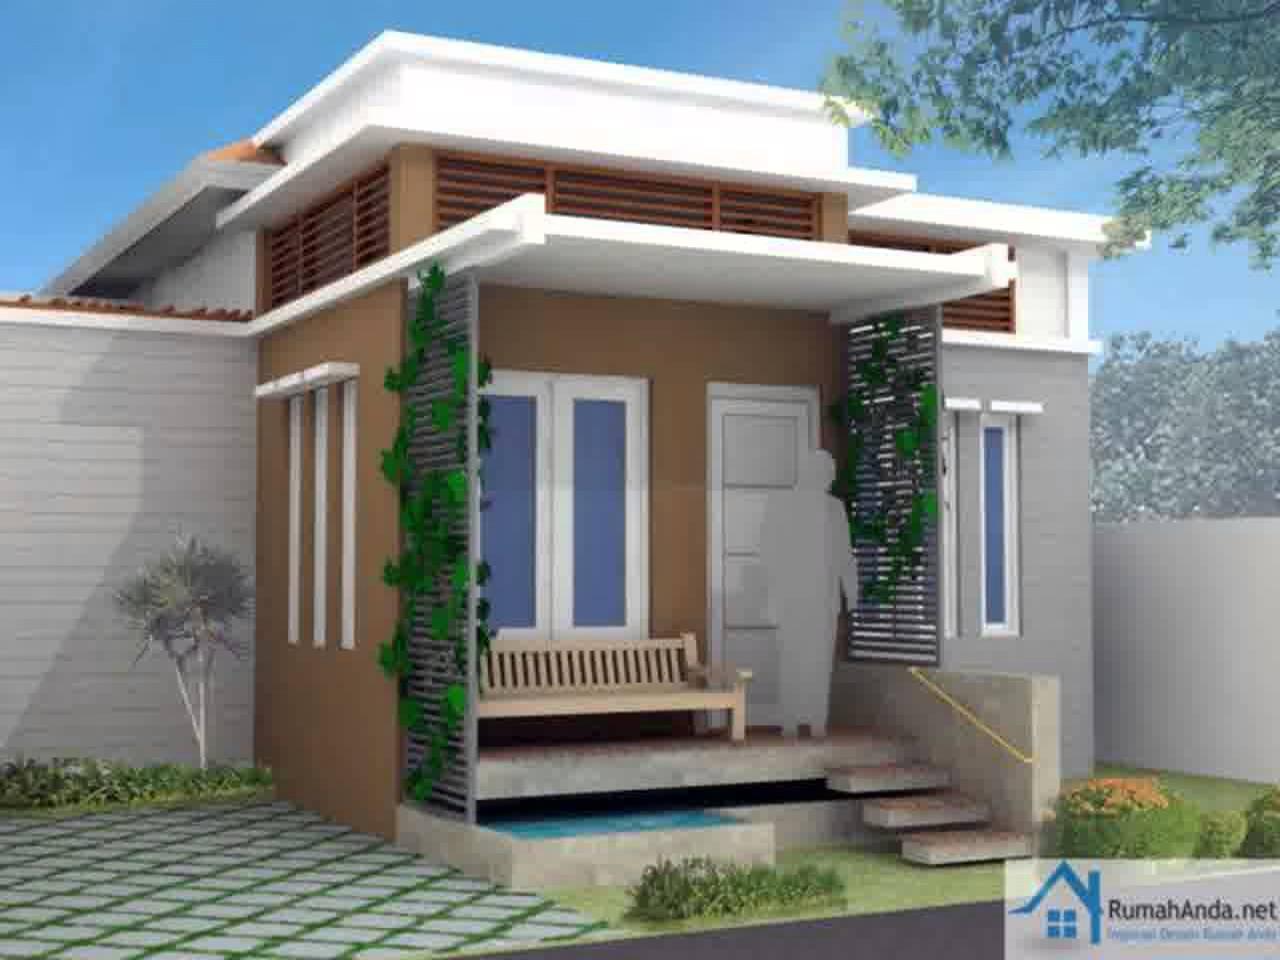 Spektakuler 21 Gambar Rumah Joglo Terbaru 49 Tentang Inspirasi Interior Rumah untuk 21 Gambar Rumah Joglo Terbaru